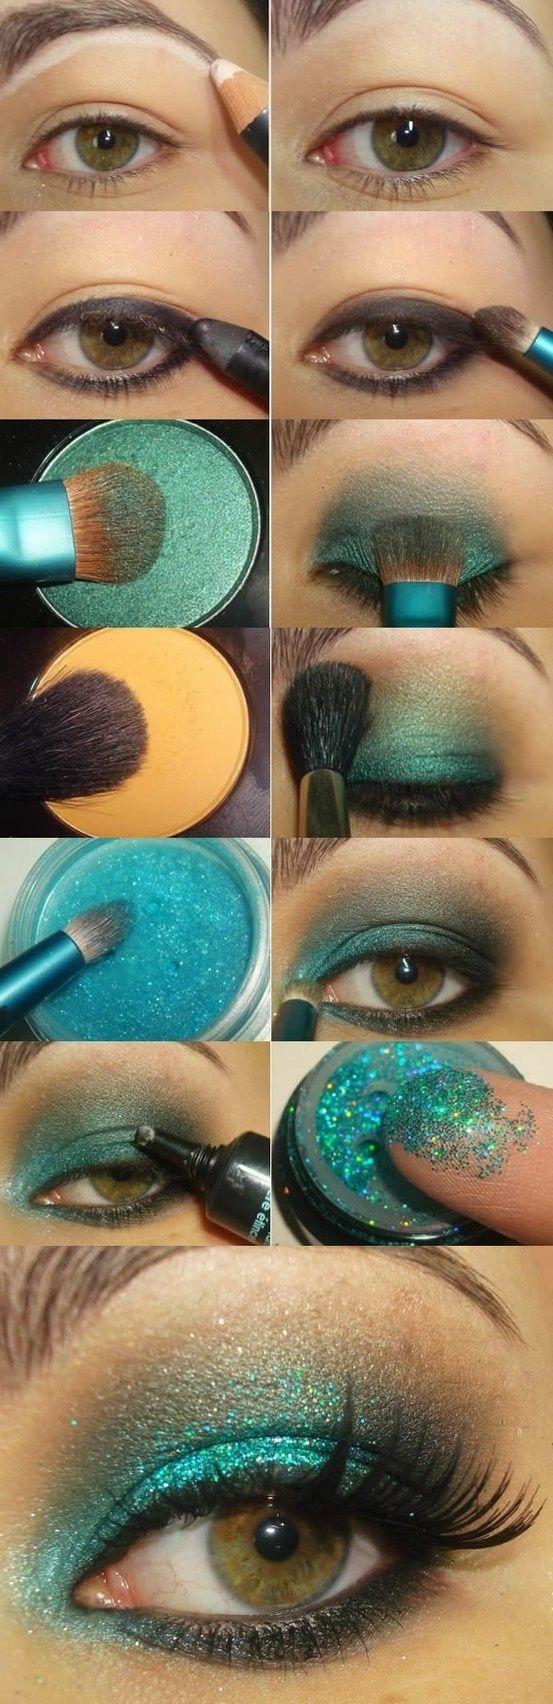 макияж для зеленых глаз 29